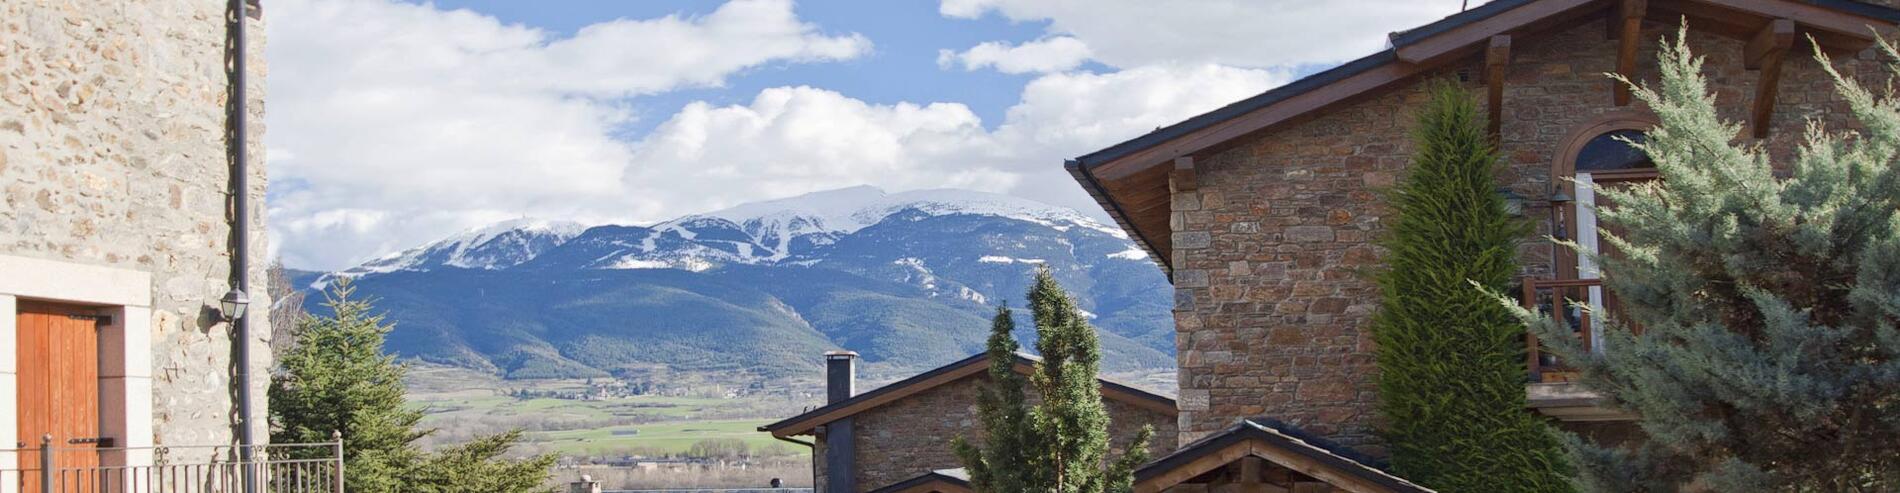 Inmobiliaria en Ger, La Cerdanya